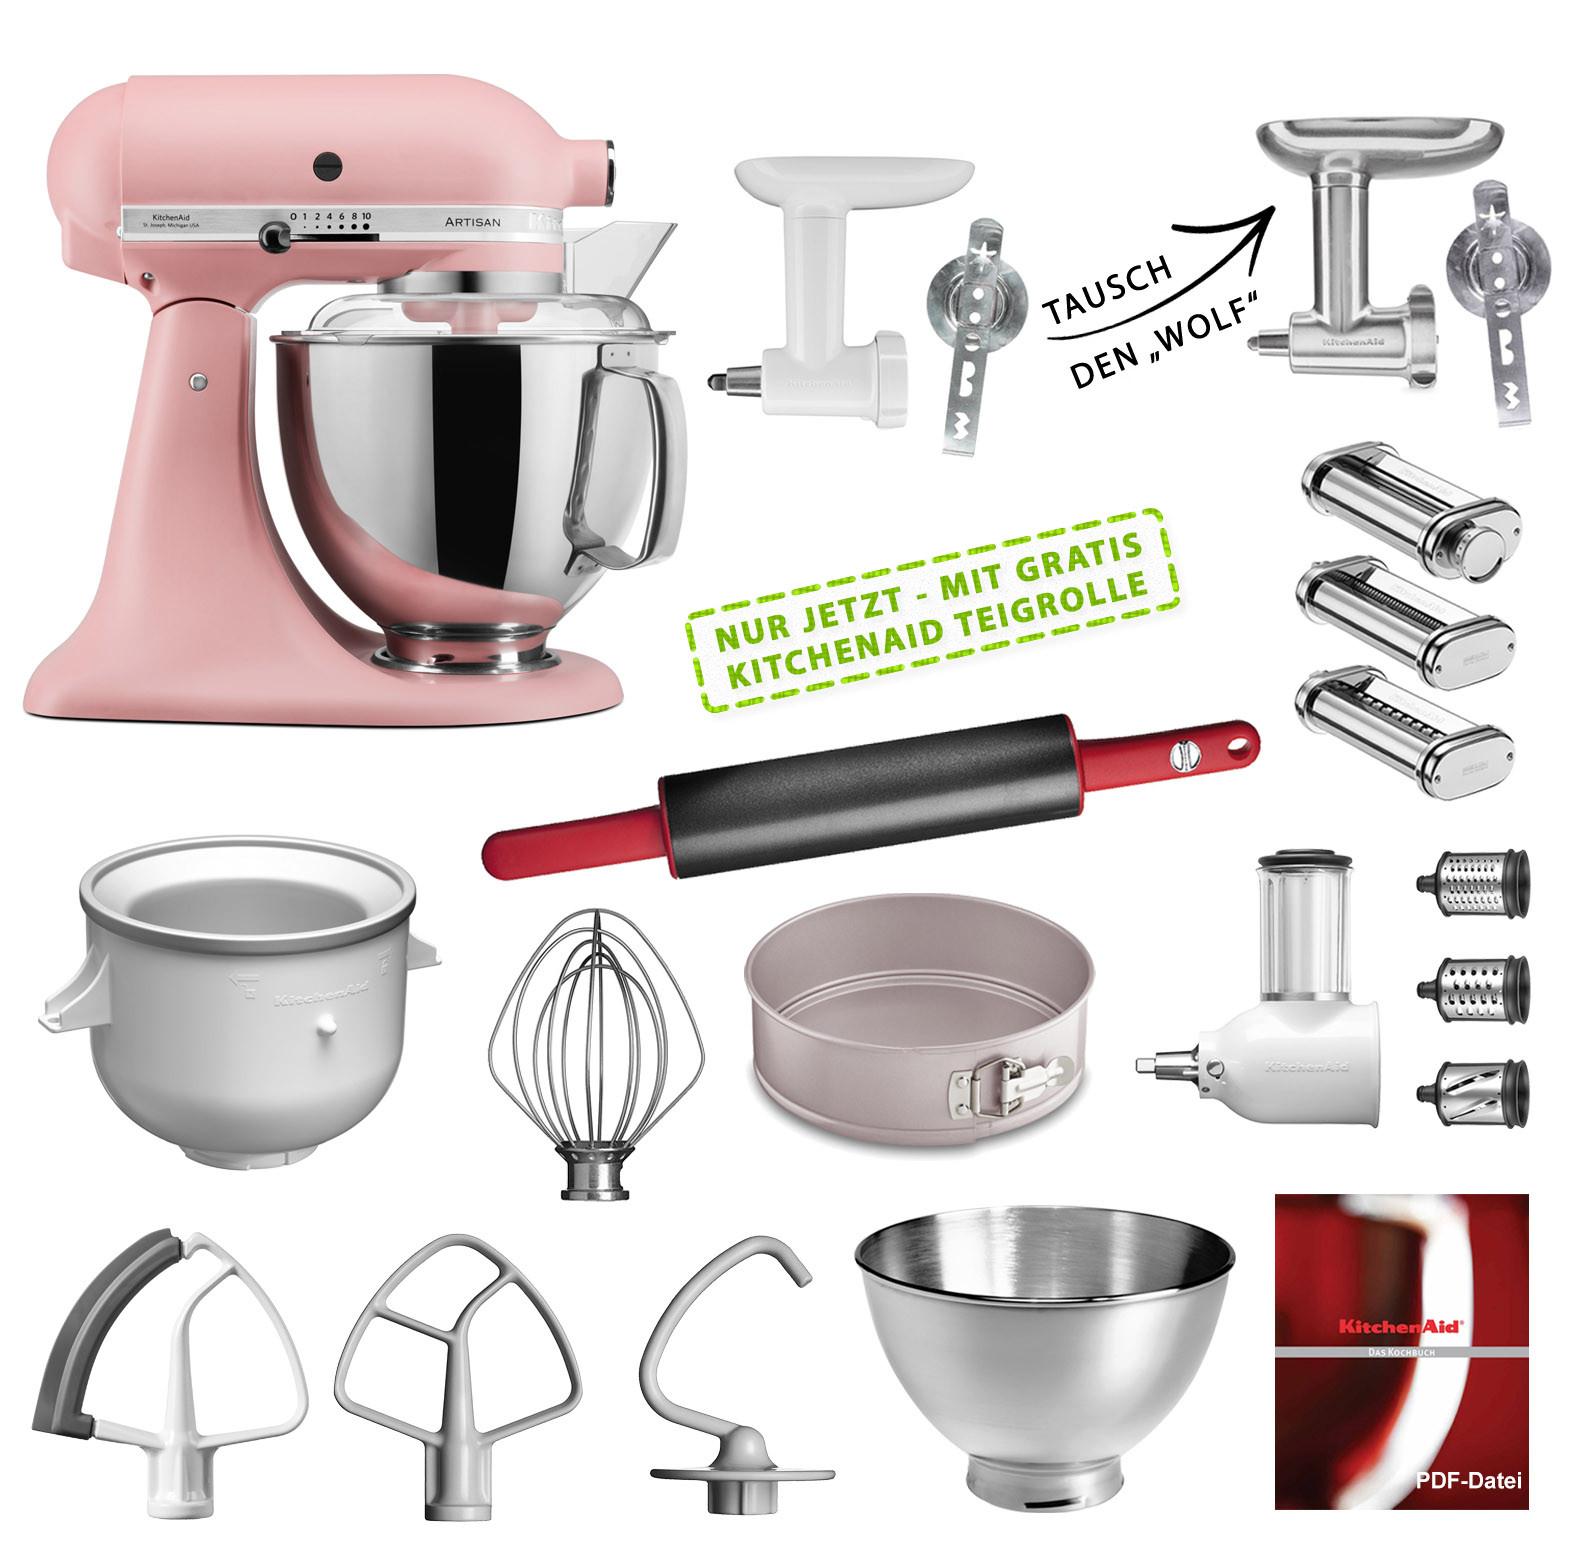 KitchenAid Küchenmaschine 175PS Mega-Paket altrosa